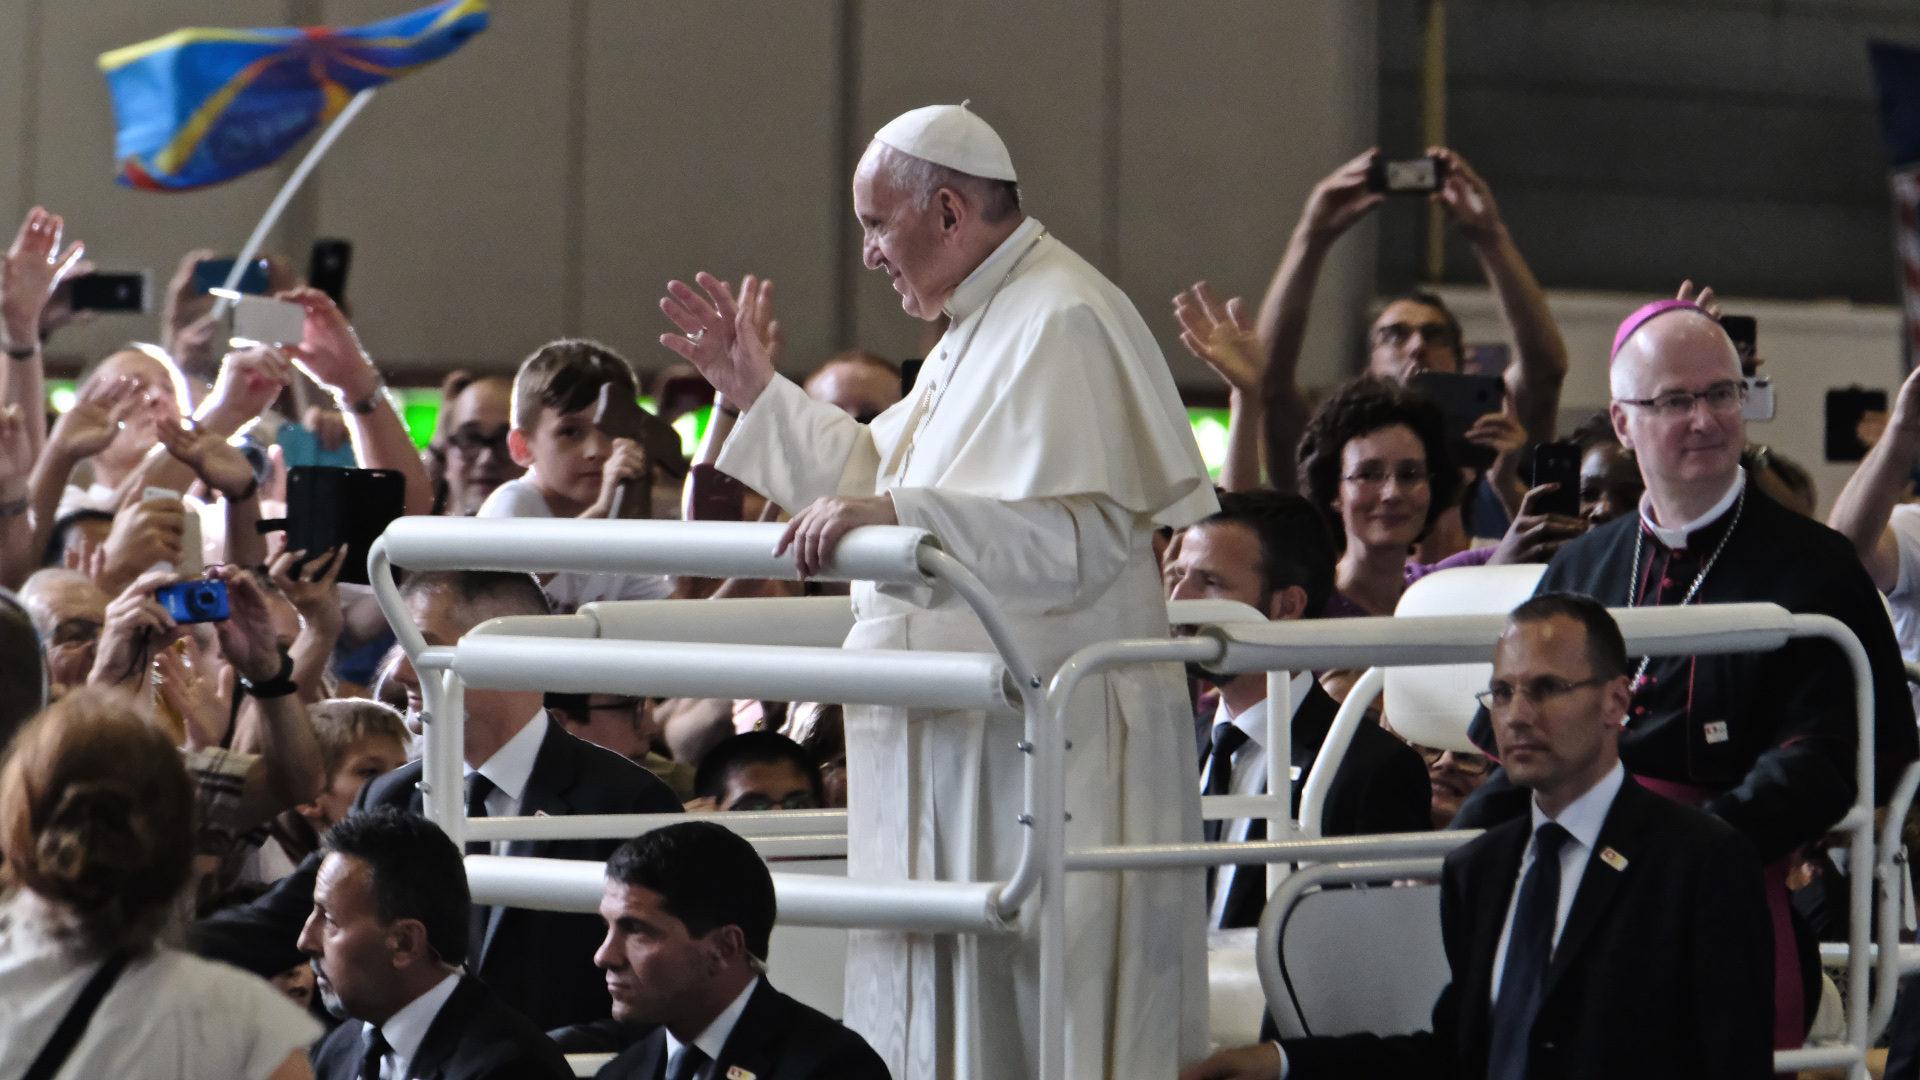 Bischof Charles Morerod fährt mit Papst Franziskus durch Palexpo-Halle | © Oliver Sittel